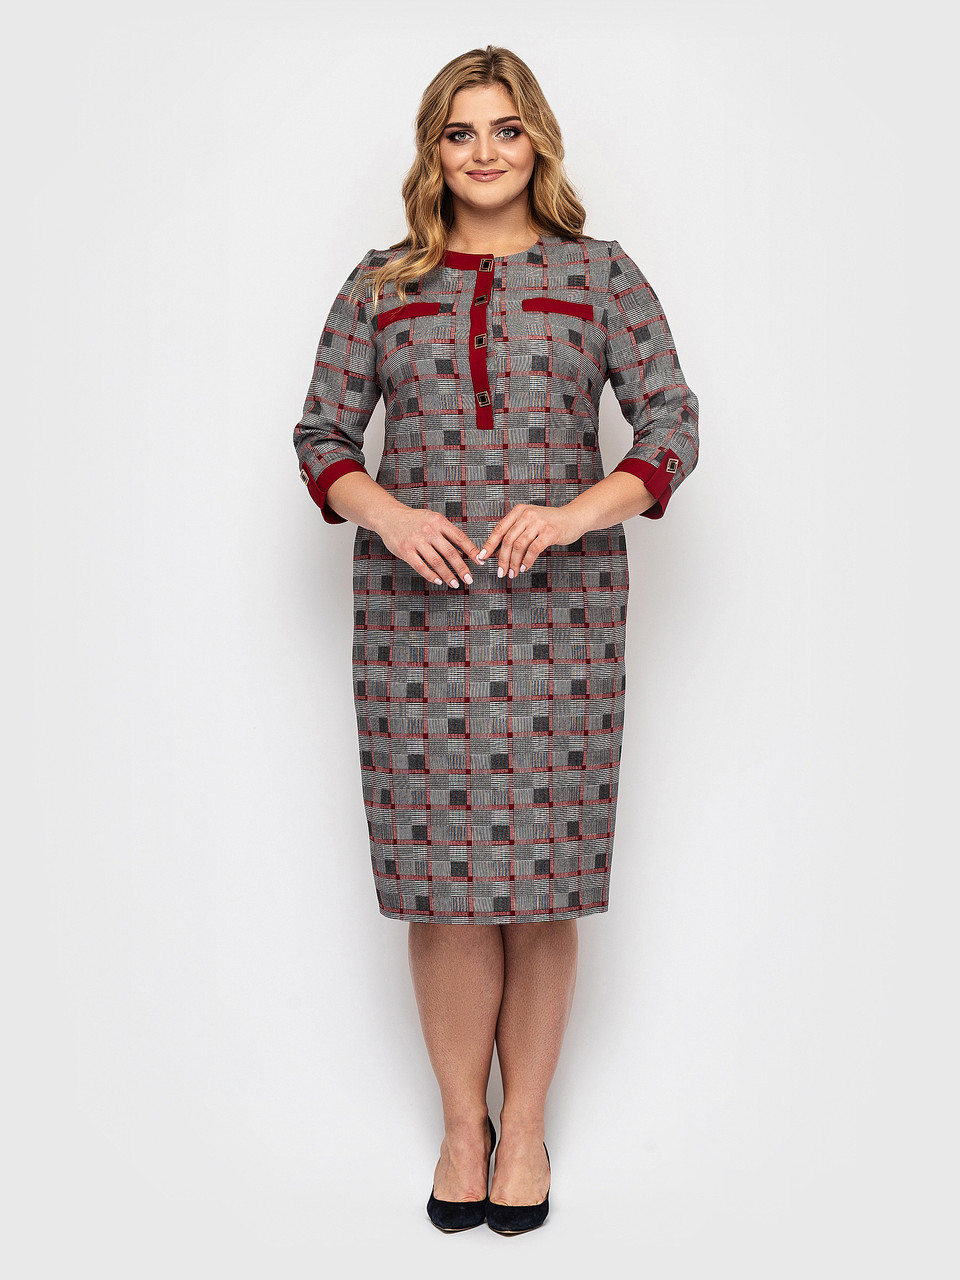 Женское платье Мирра клетка бордо